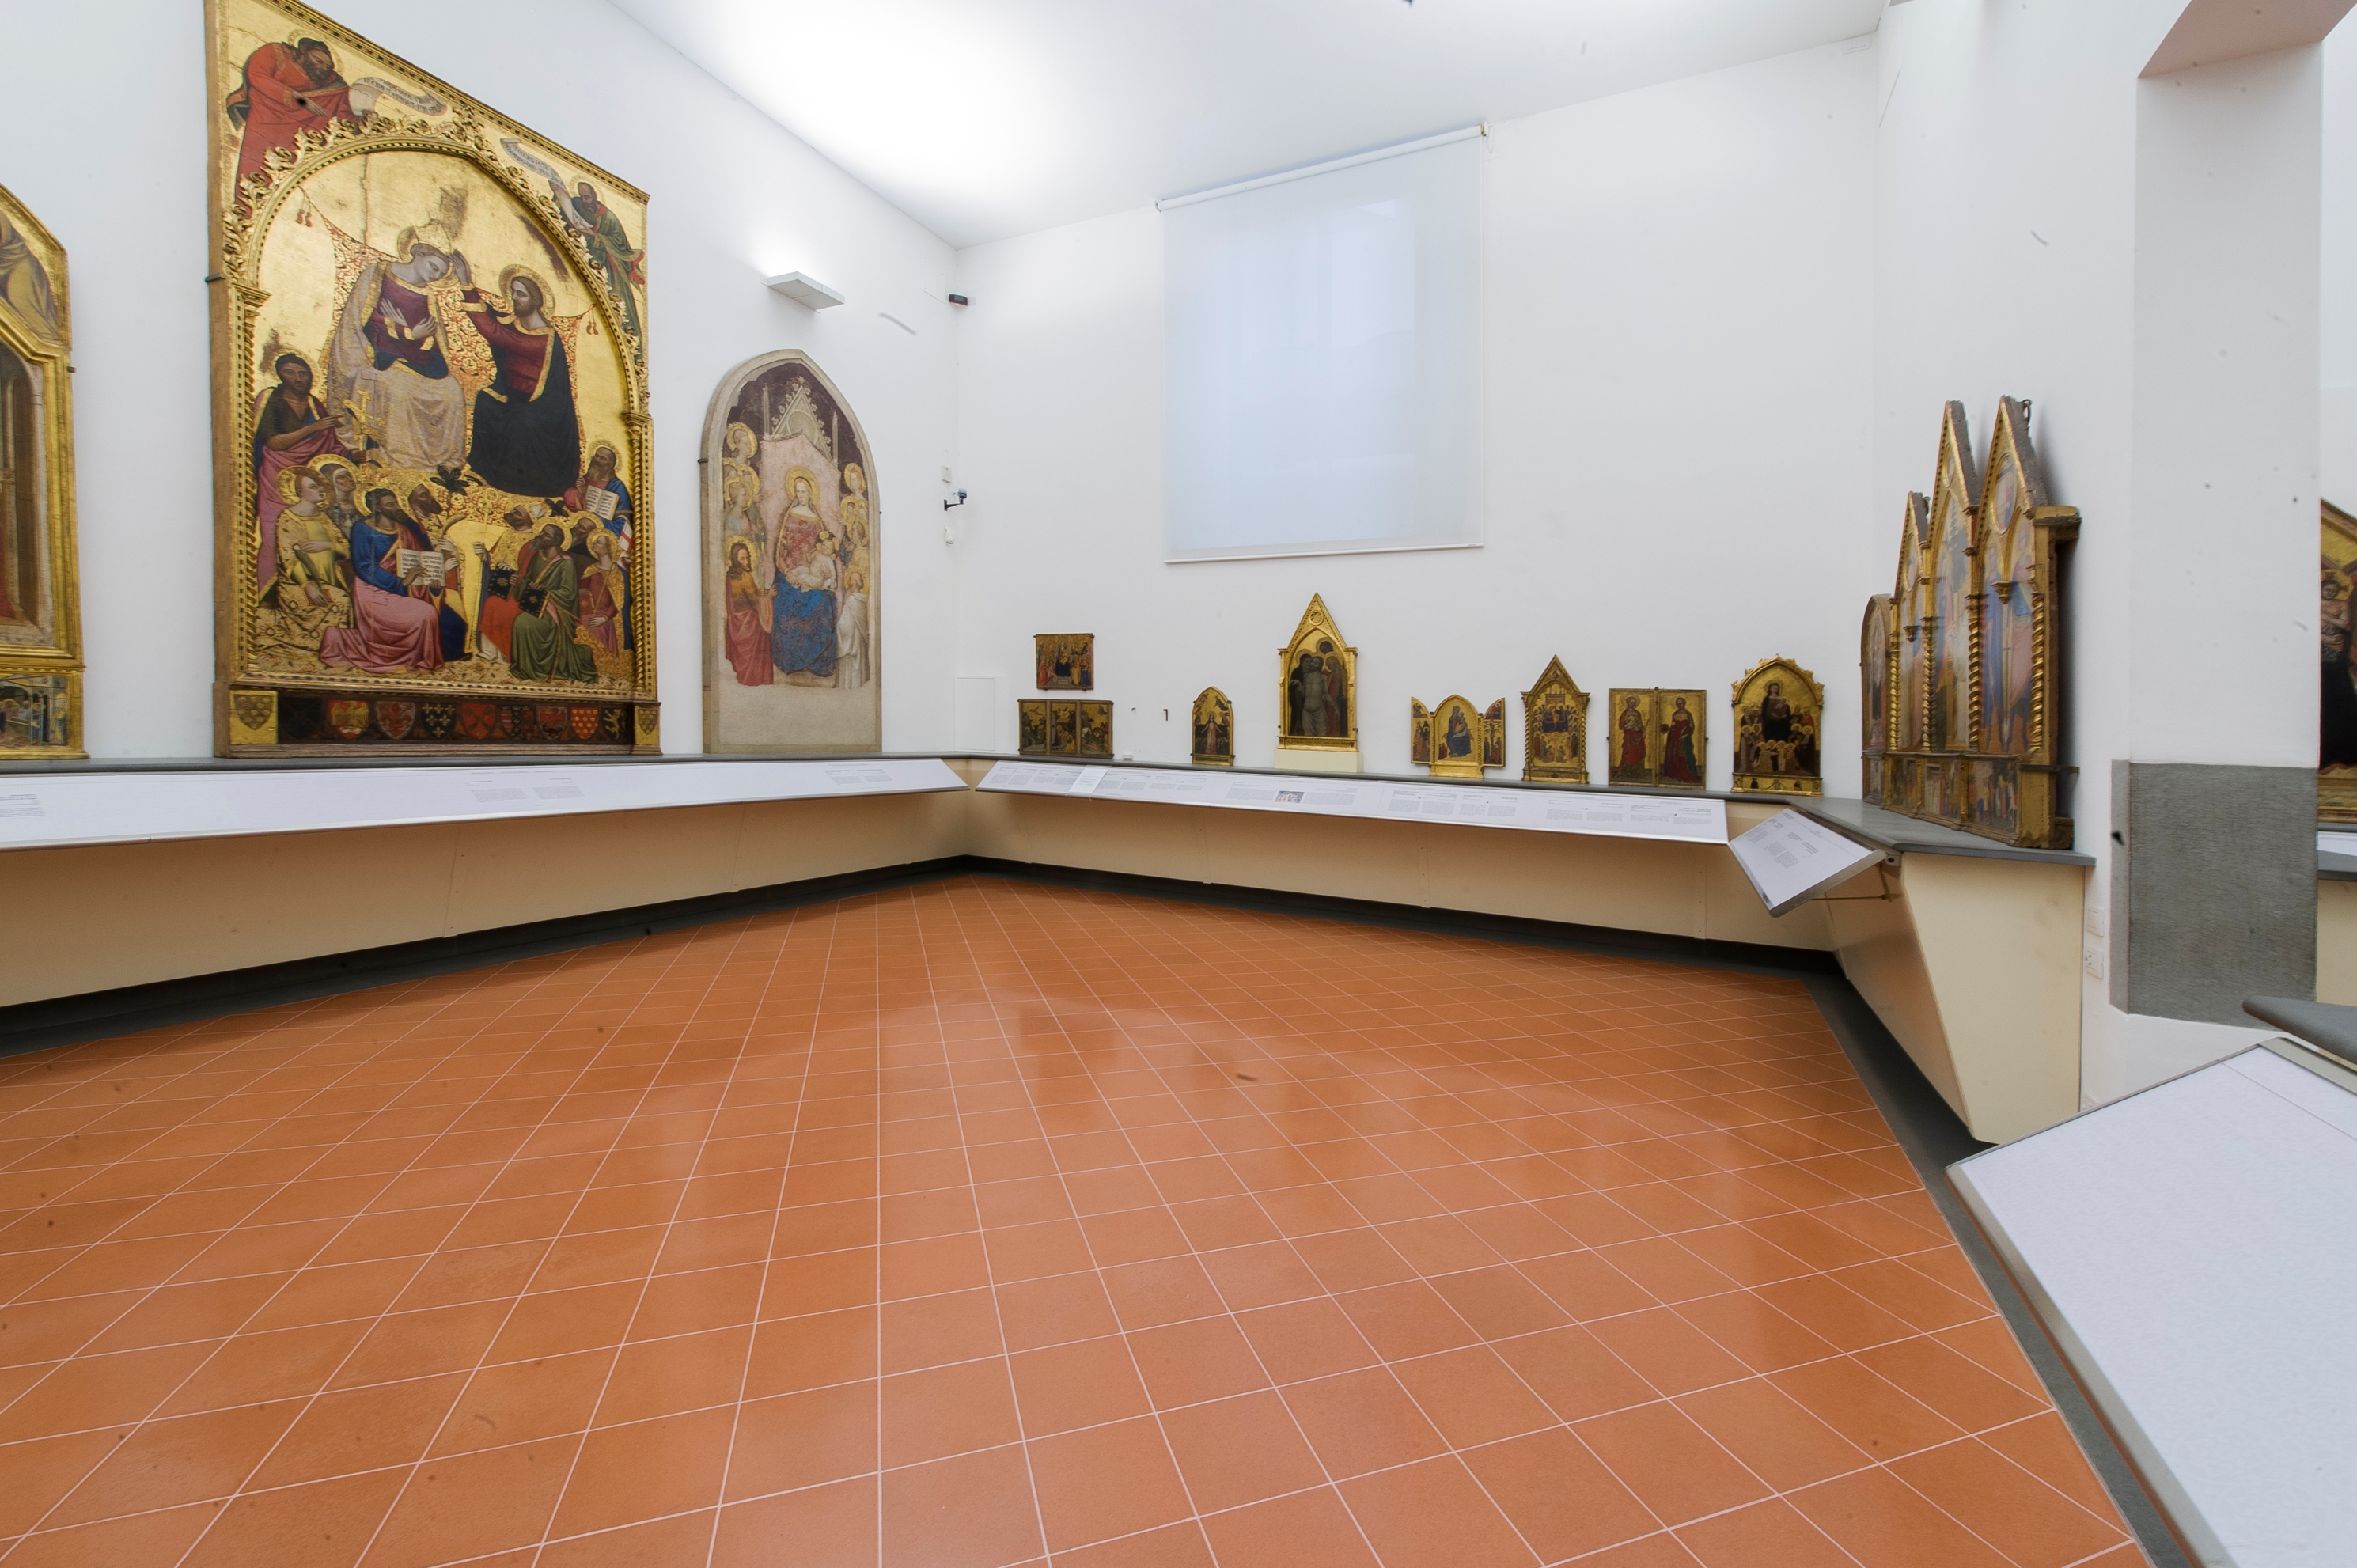 Galleria dell'Accademia,Sala Orcagna e G. da Milano, Firenze